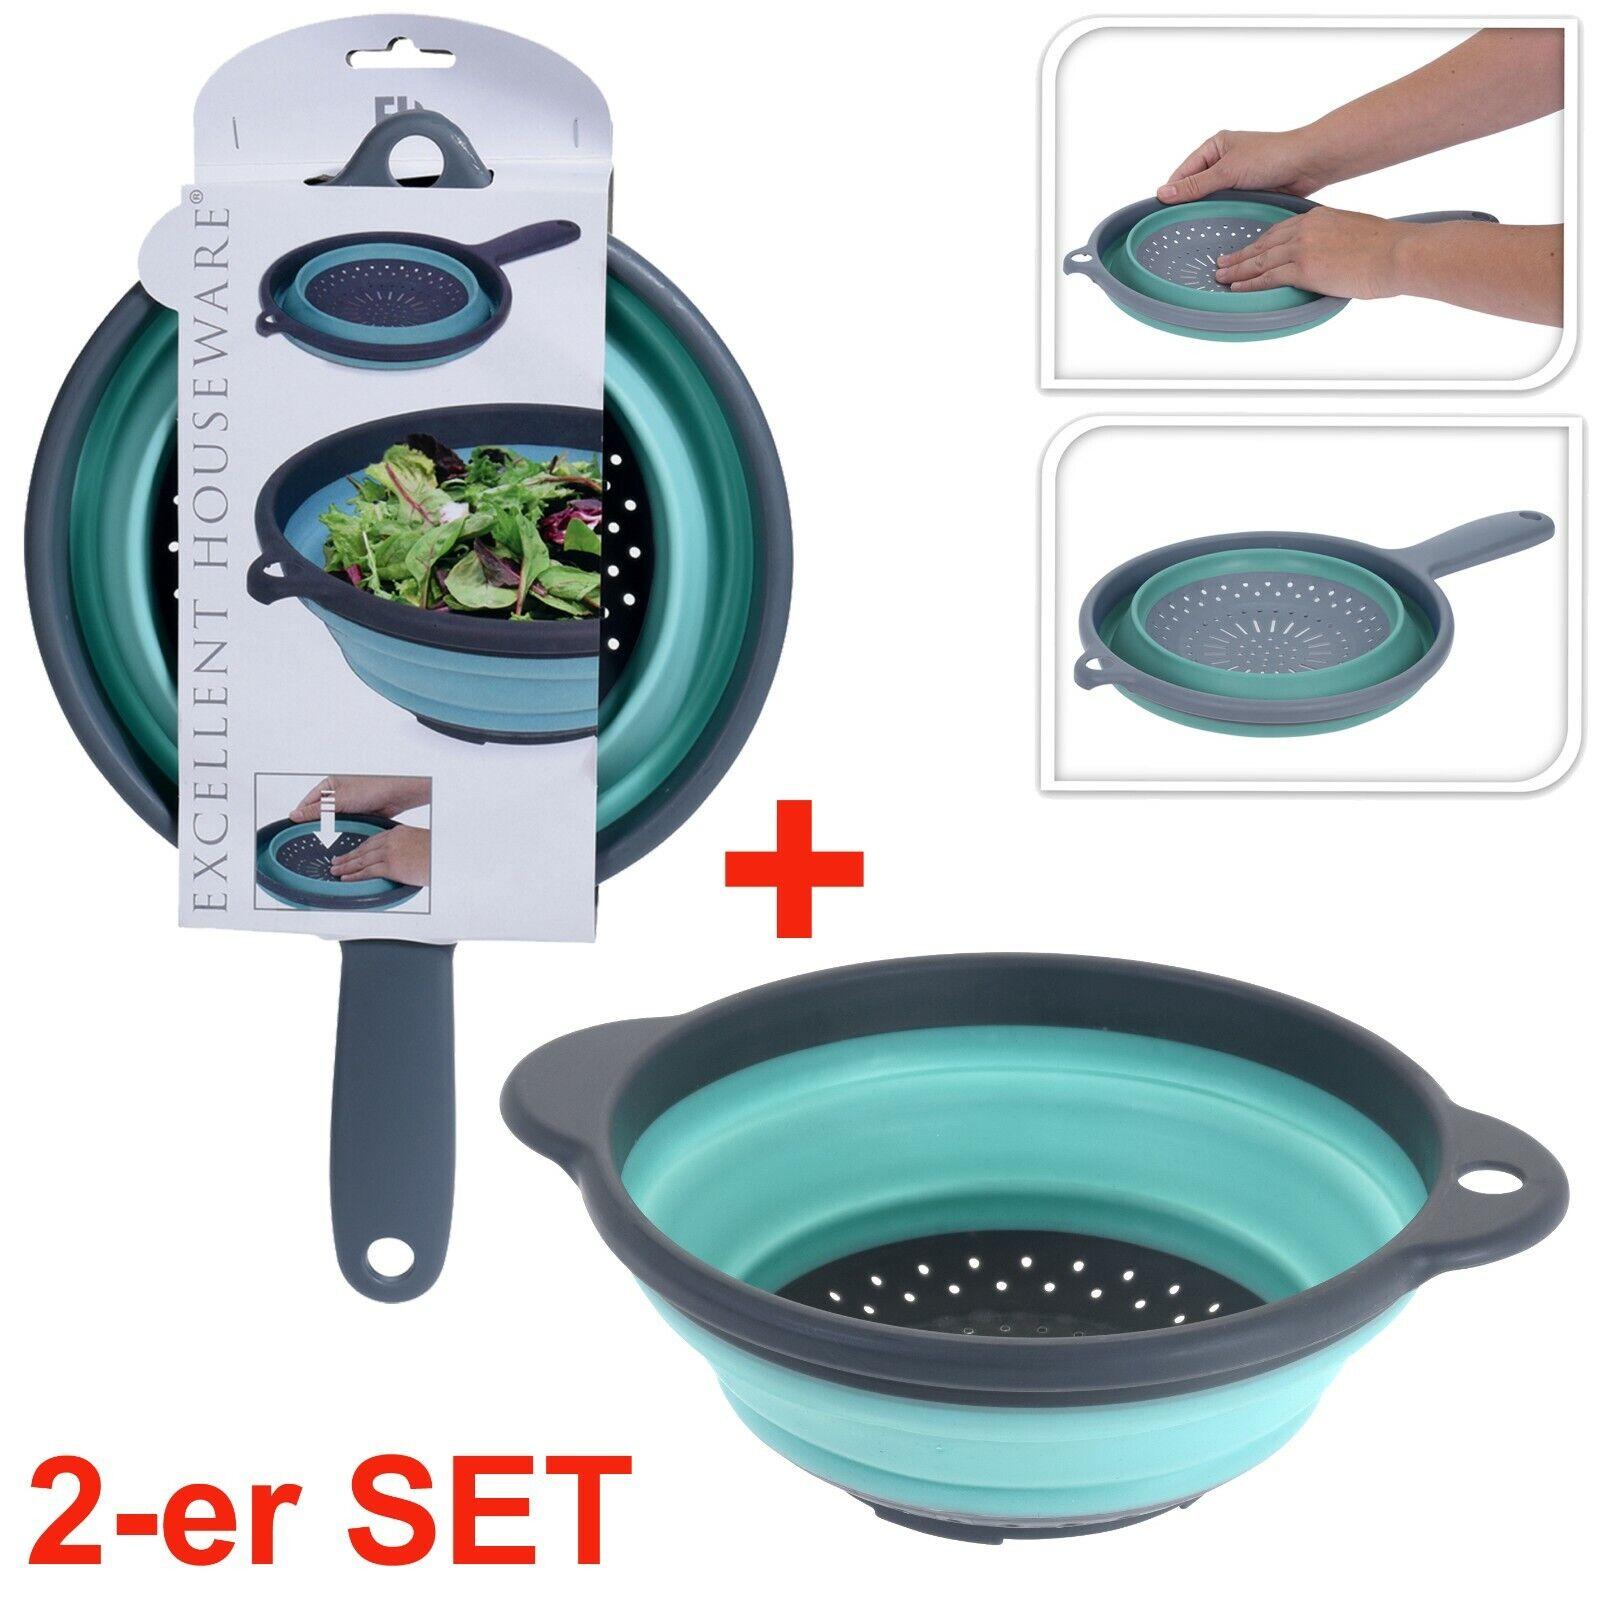 NEU 2- tlg Küchensieb Edelstahl 20,5 und 23,5 cm Nudelsieb Set Abtropfsieb